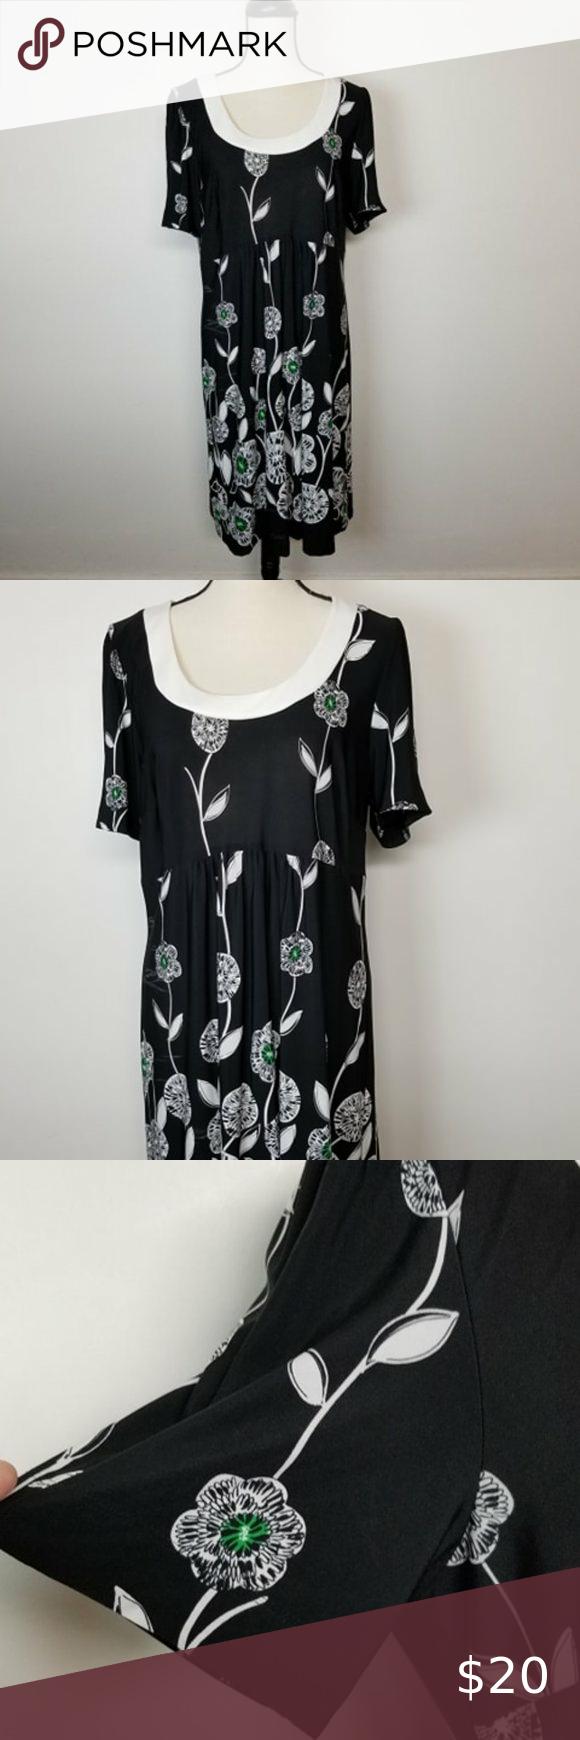 Dressbarn Black Dress With White Flowers Size 16 Black Dress Dresses Dressbarn [ 1740 x 580 Pixel ]